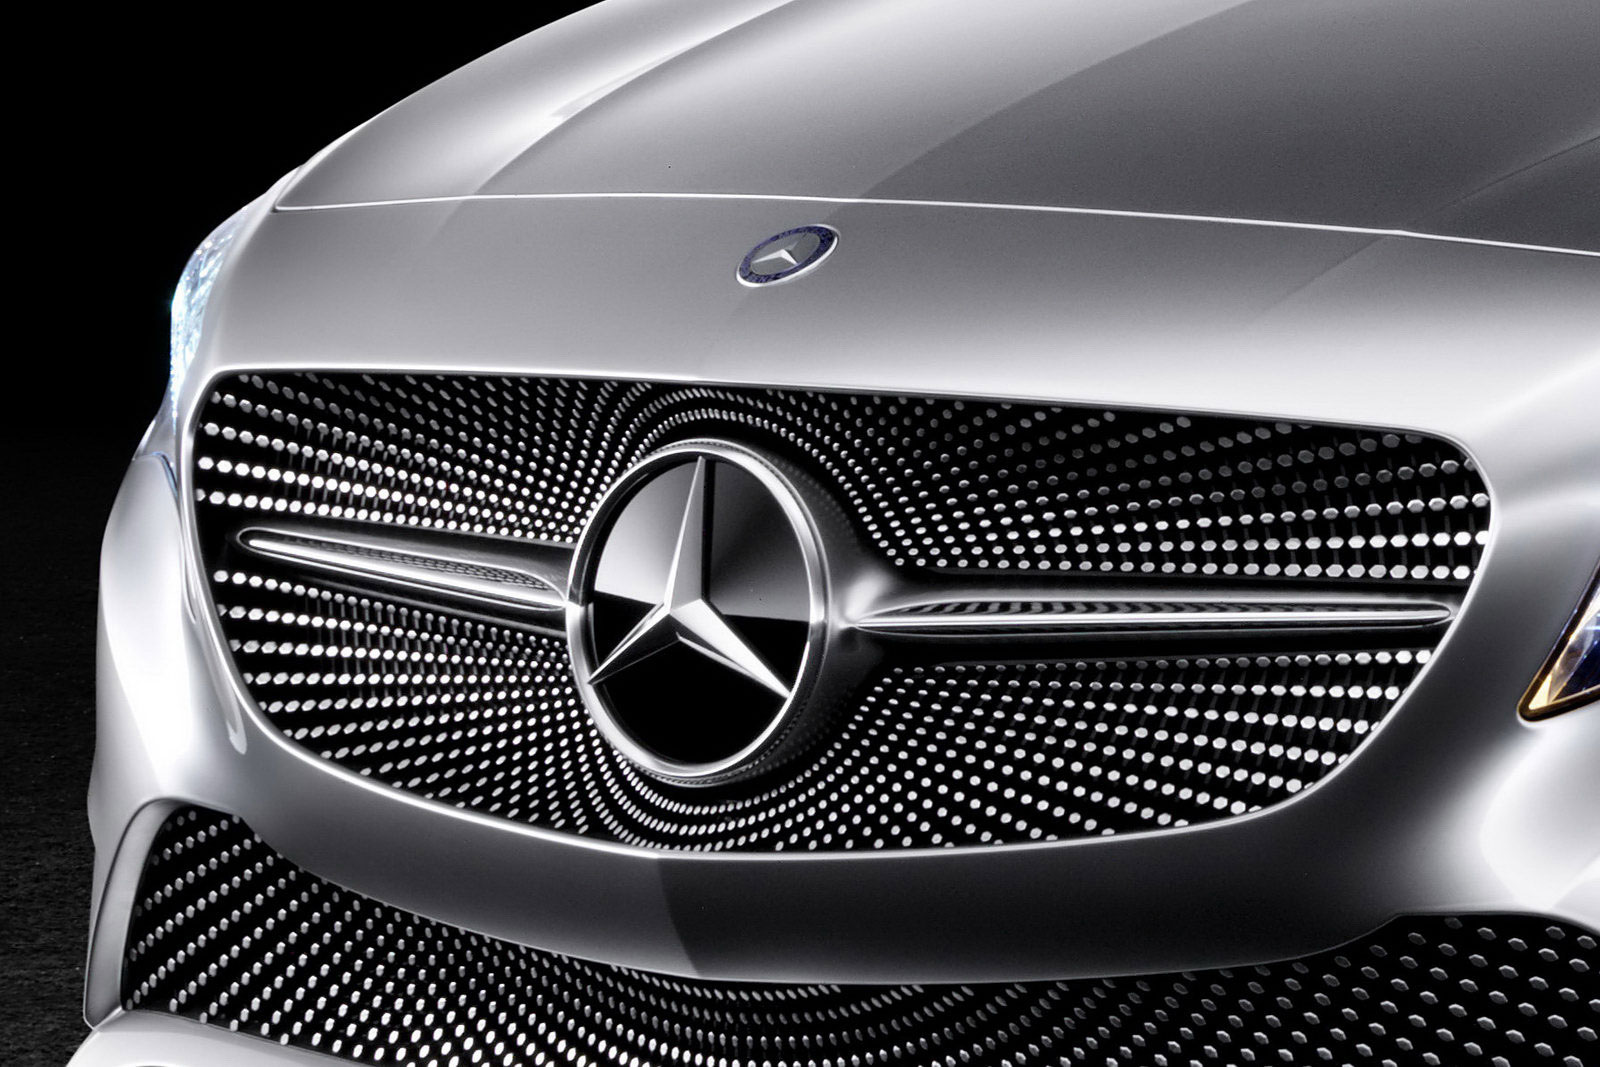 Mercedes enfrenta multa até mil milhões de euros devido a software de emissões